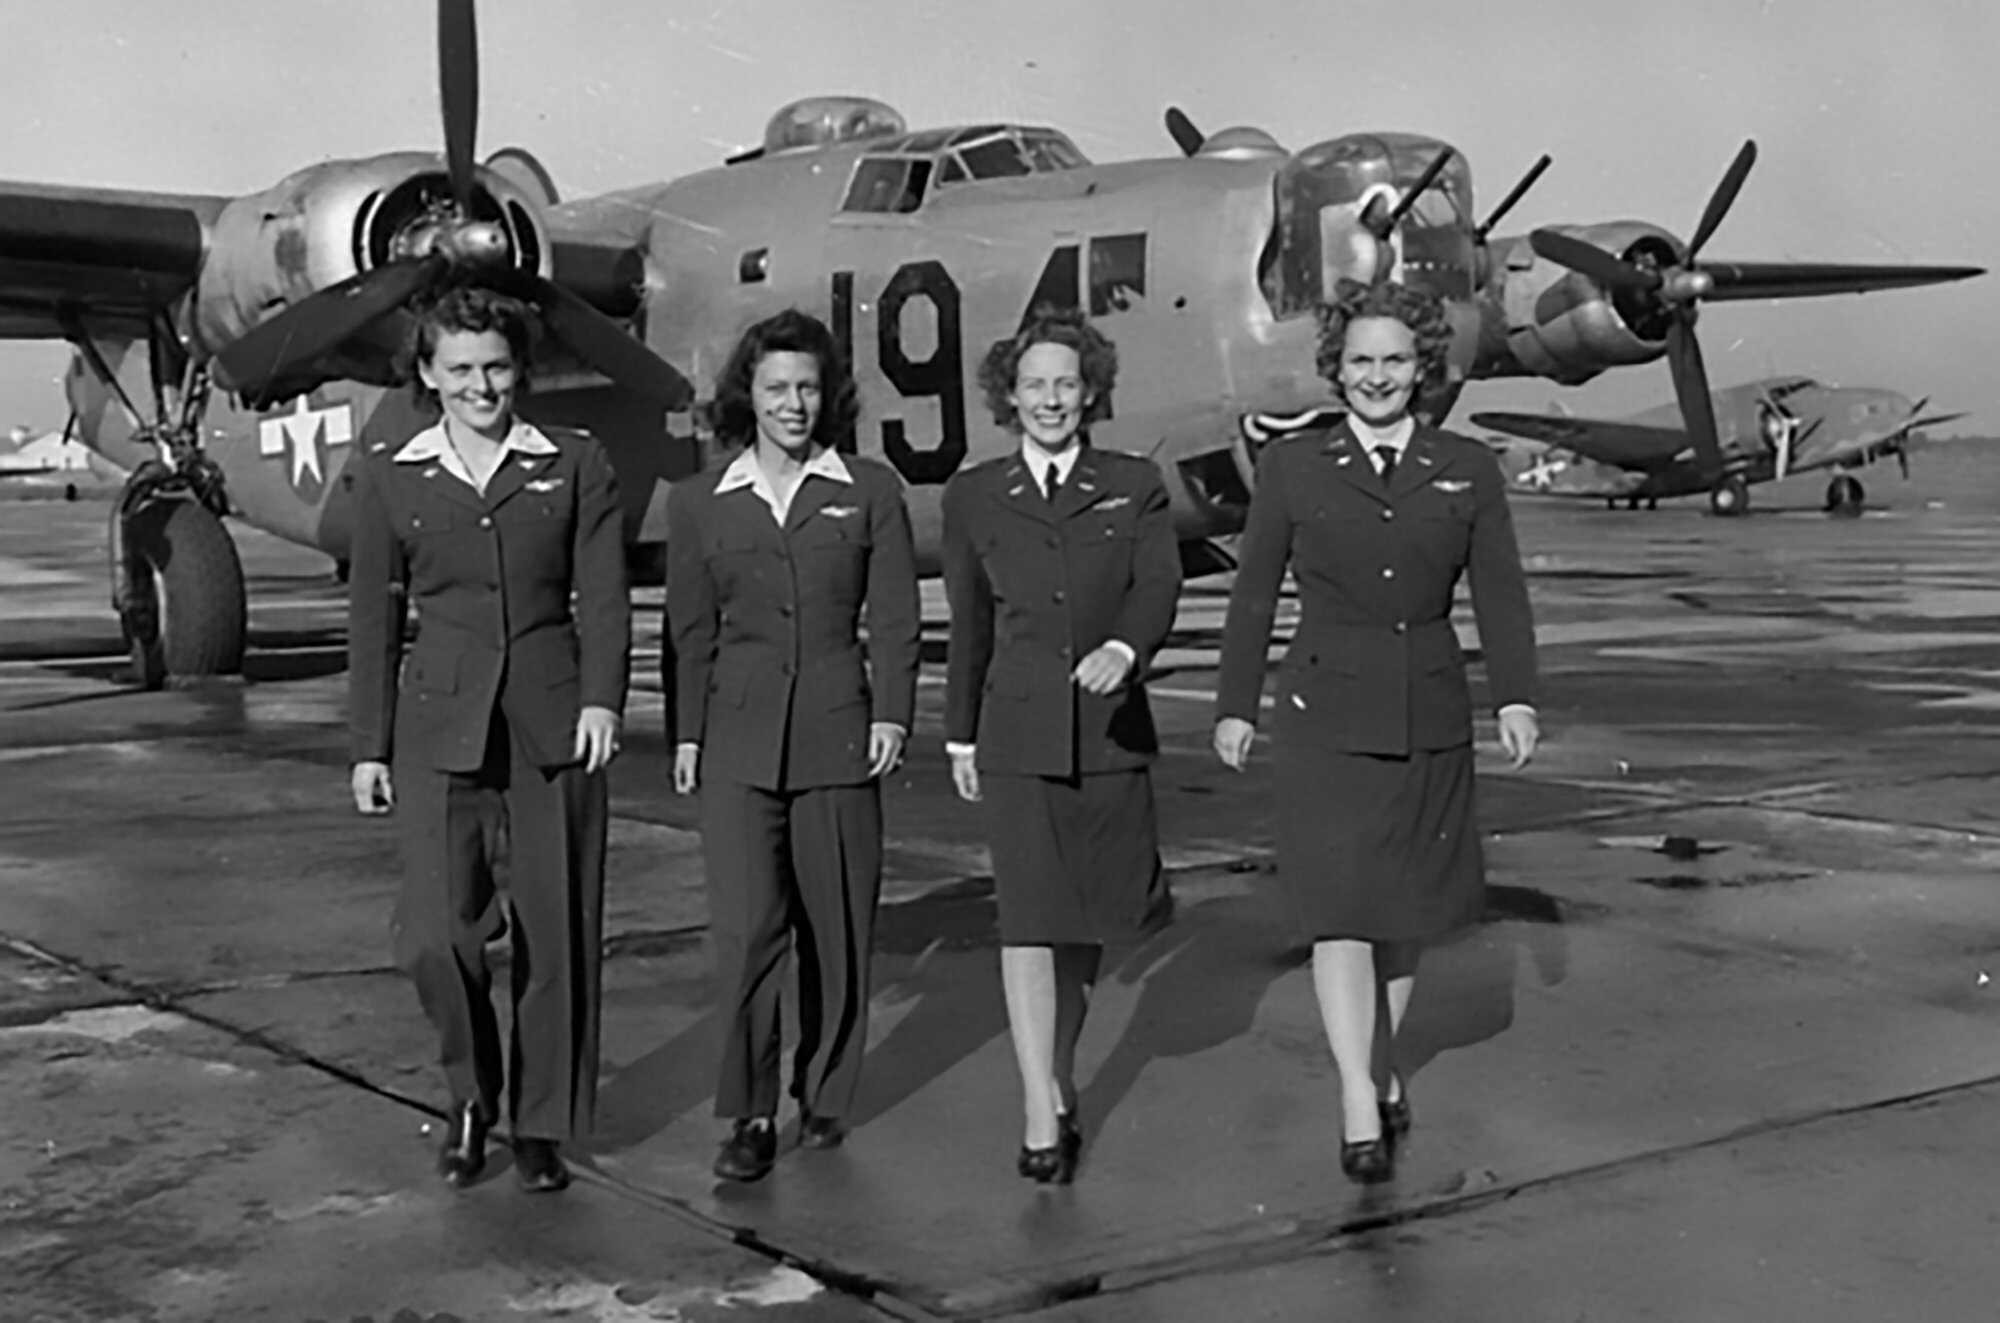 flygirls-timeline-1944_february.jpg